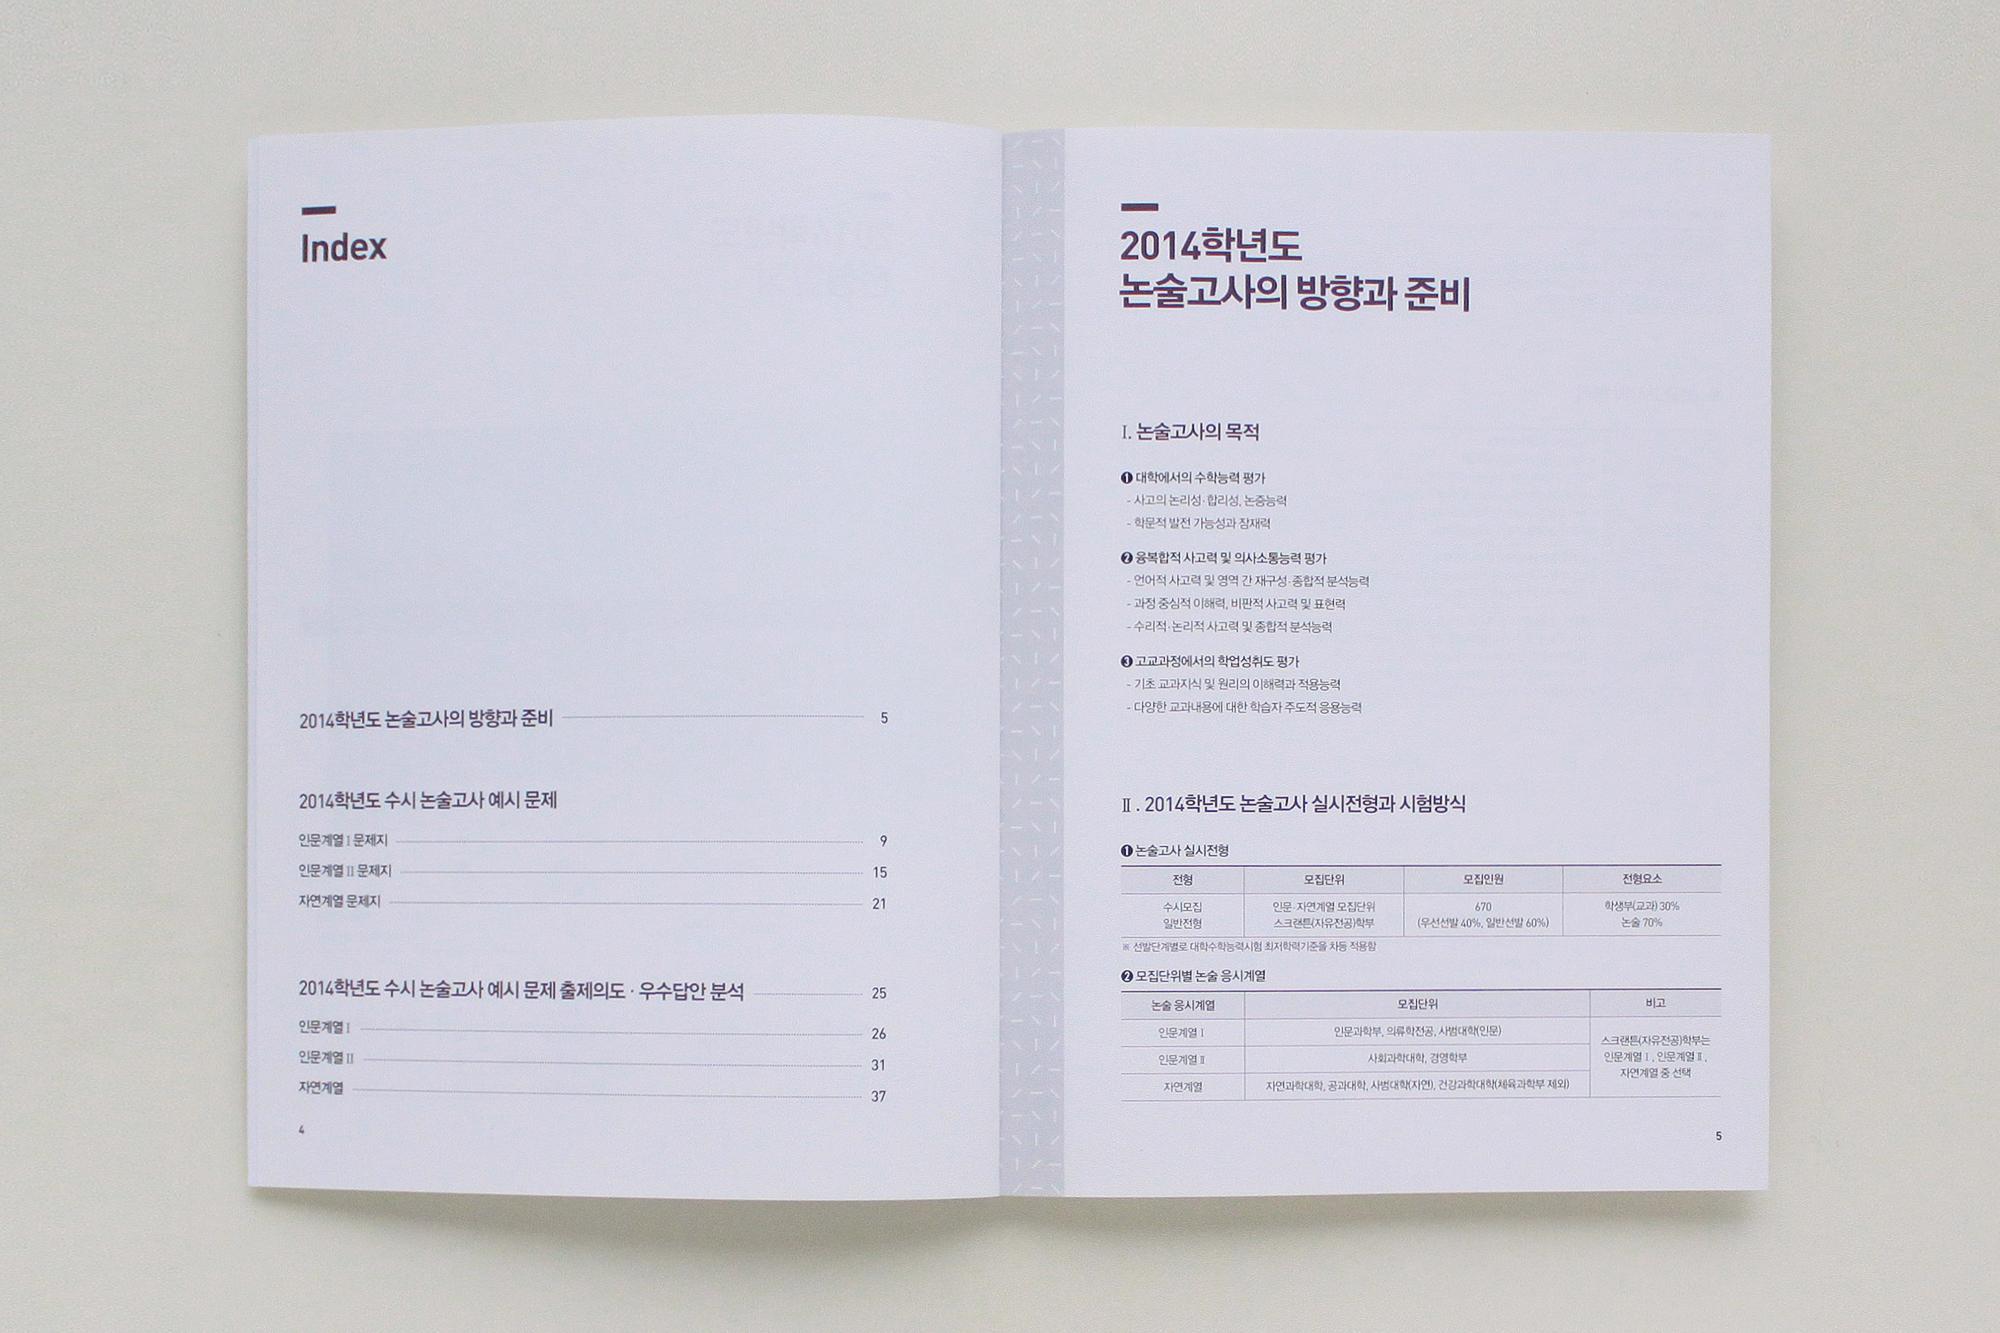 2014-이대논술고사안내 (4)